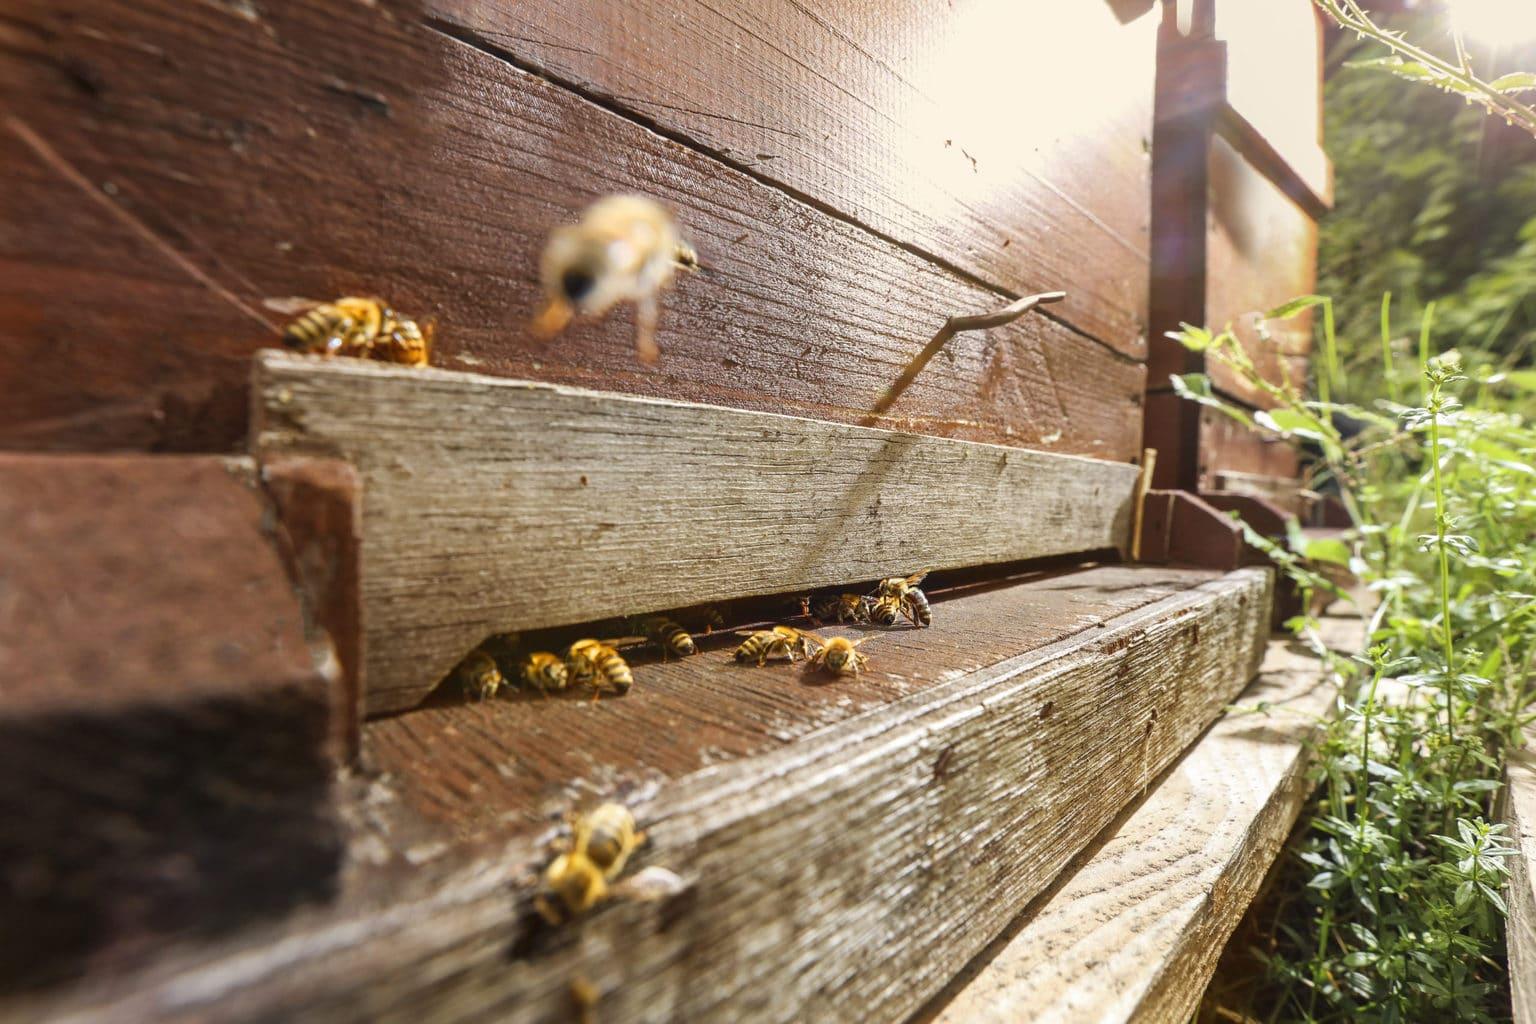 Ook insekten vinden de omgeving van het Hotel prettig